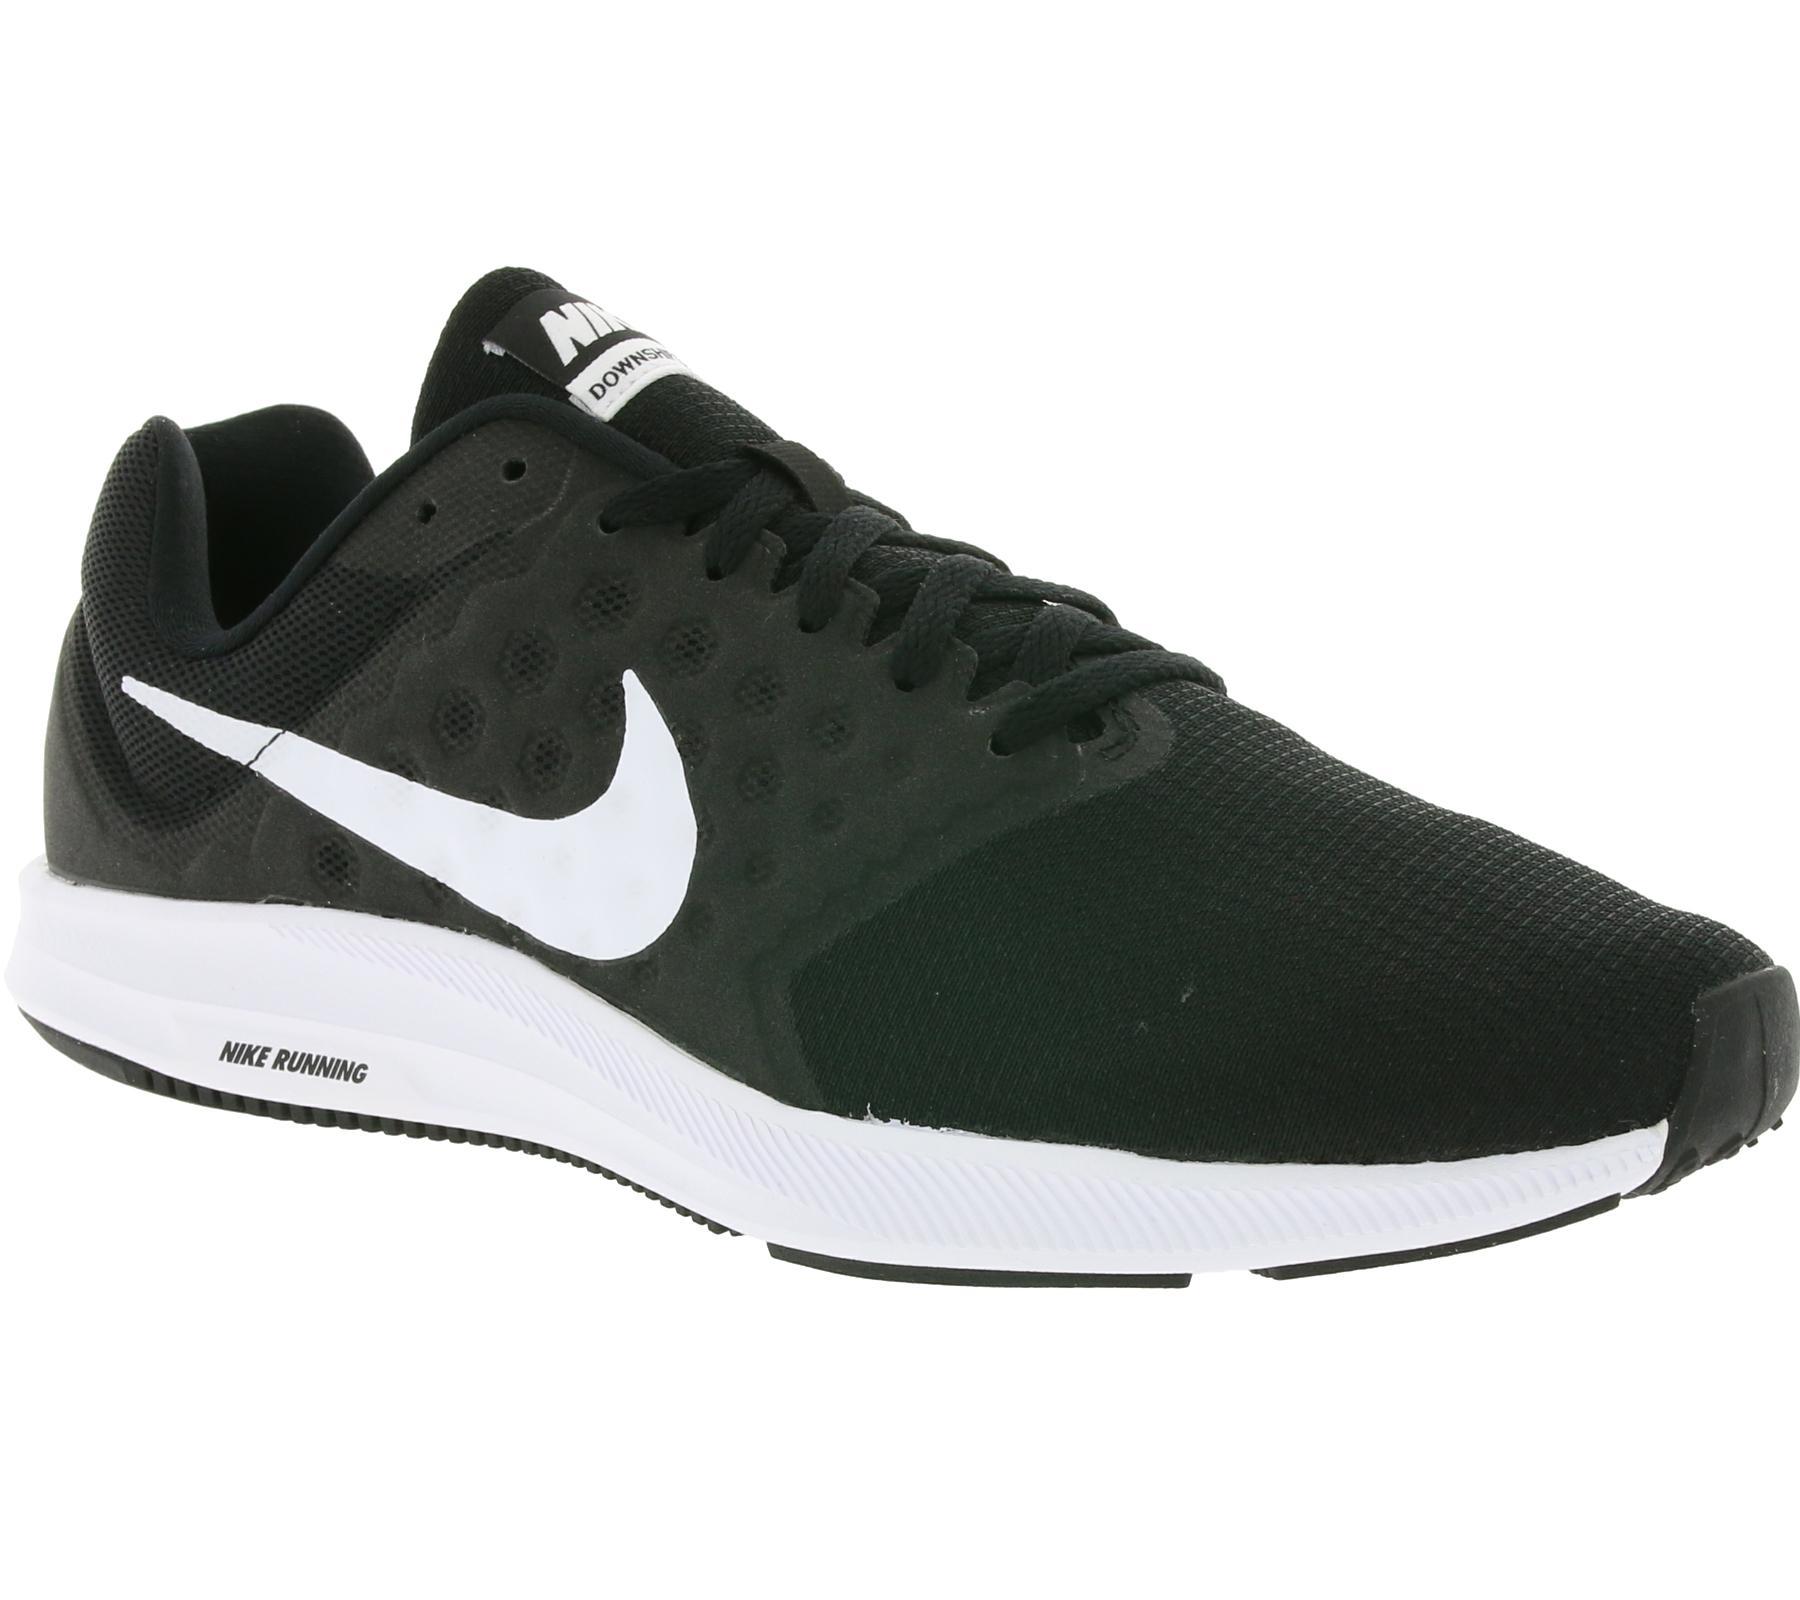 Chaussures de running Nike Running Downshifter 7